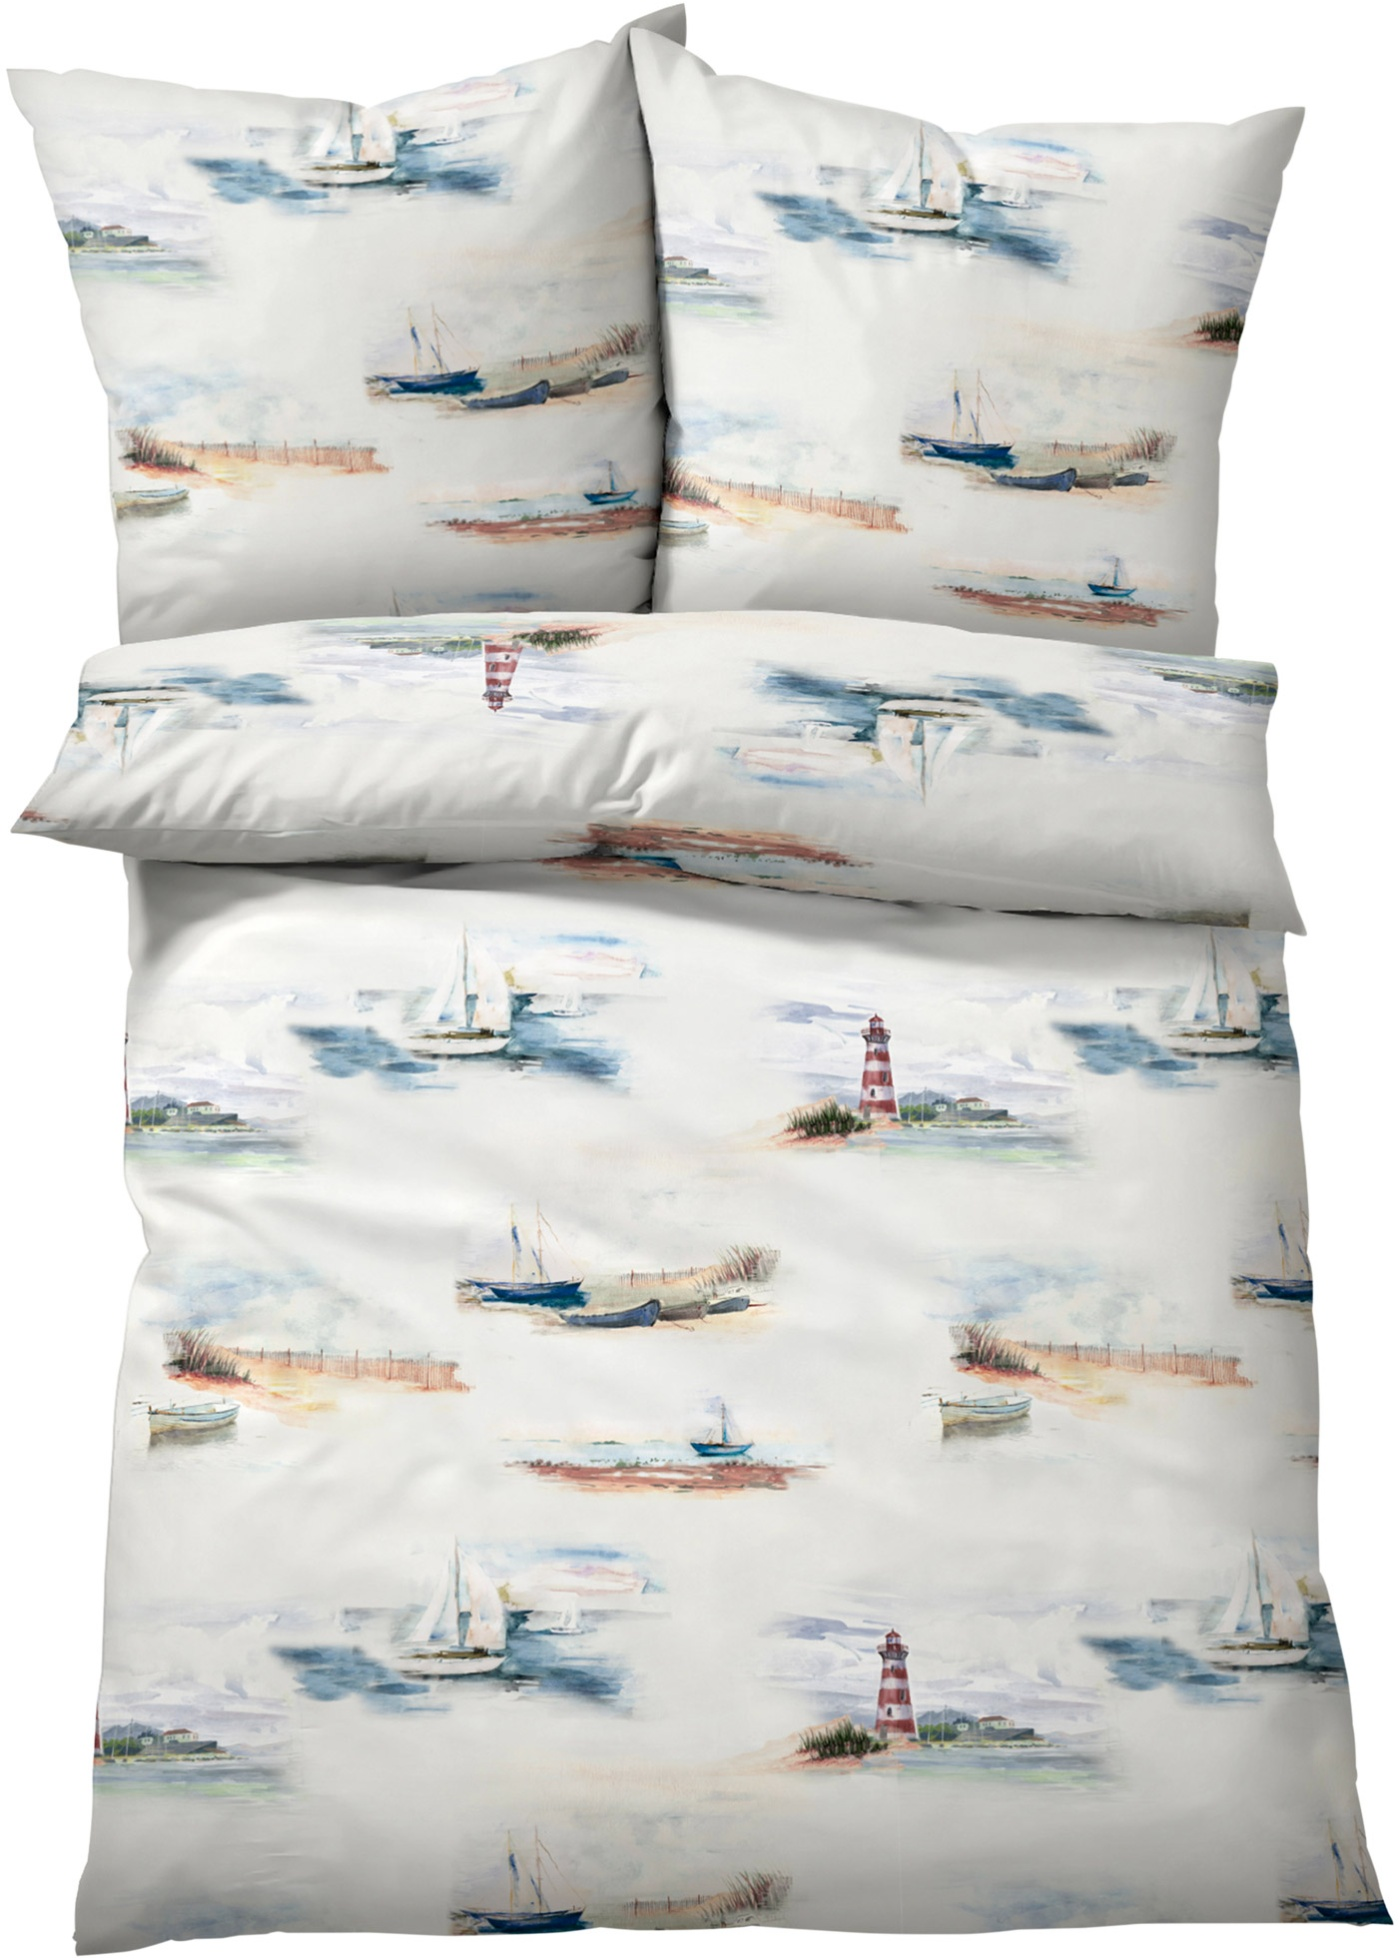 Linge de lit imprimé avec motifs phares et voiliers.